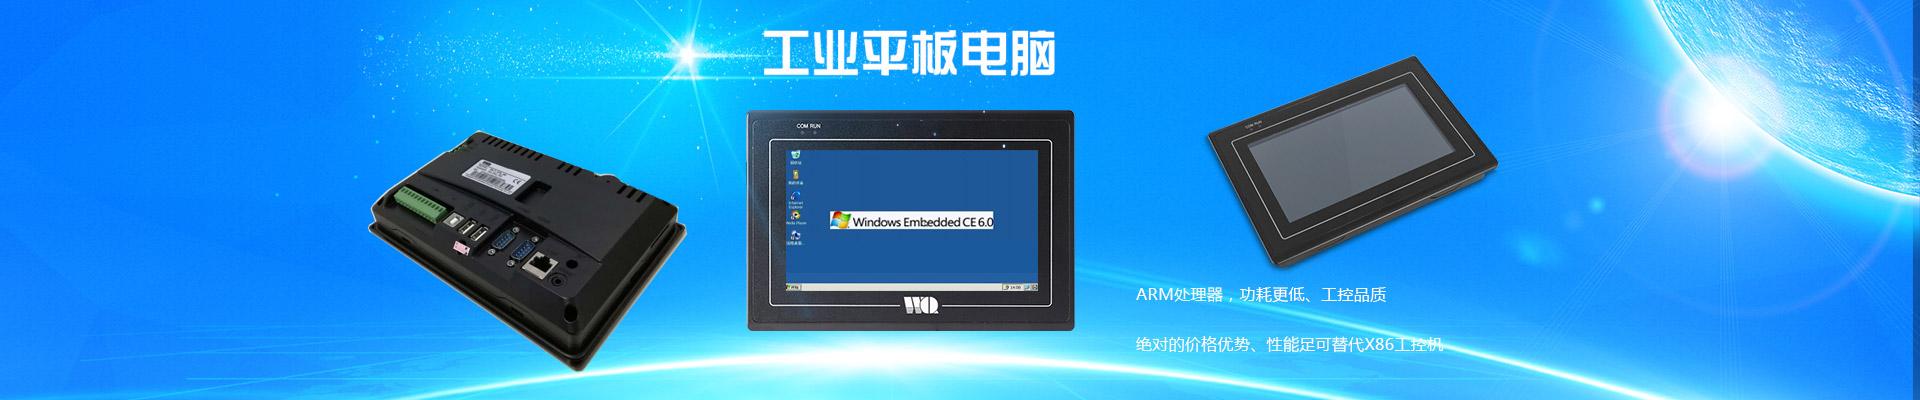 广州市微嵌计算机科技有限公司